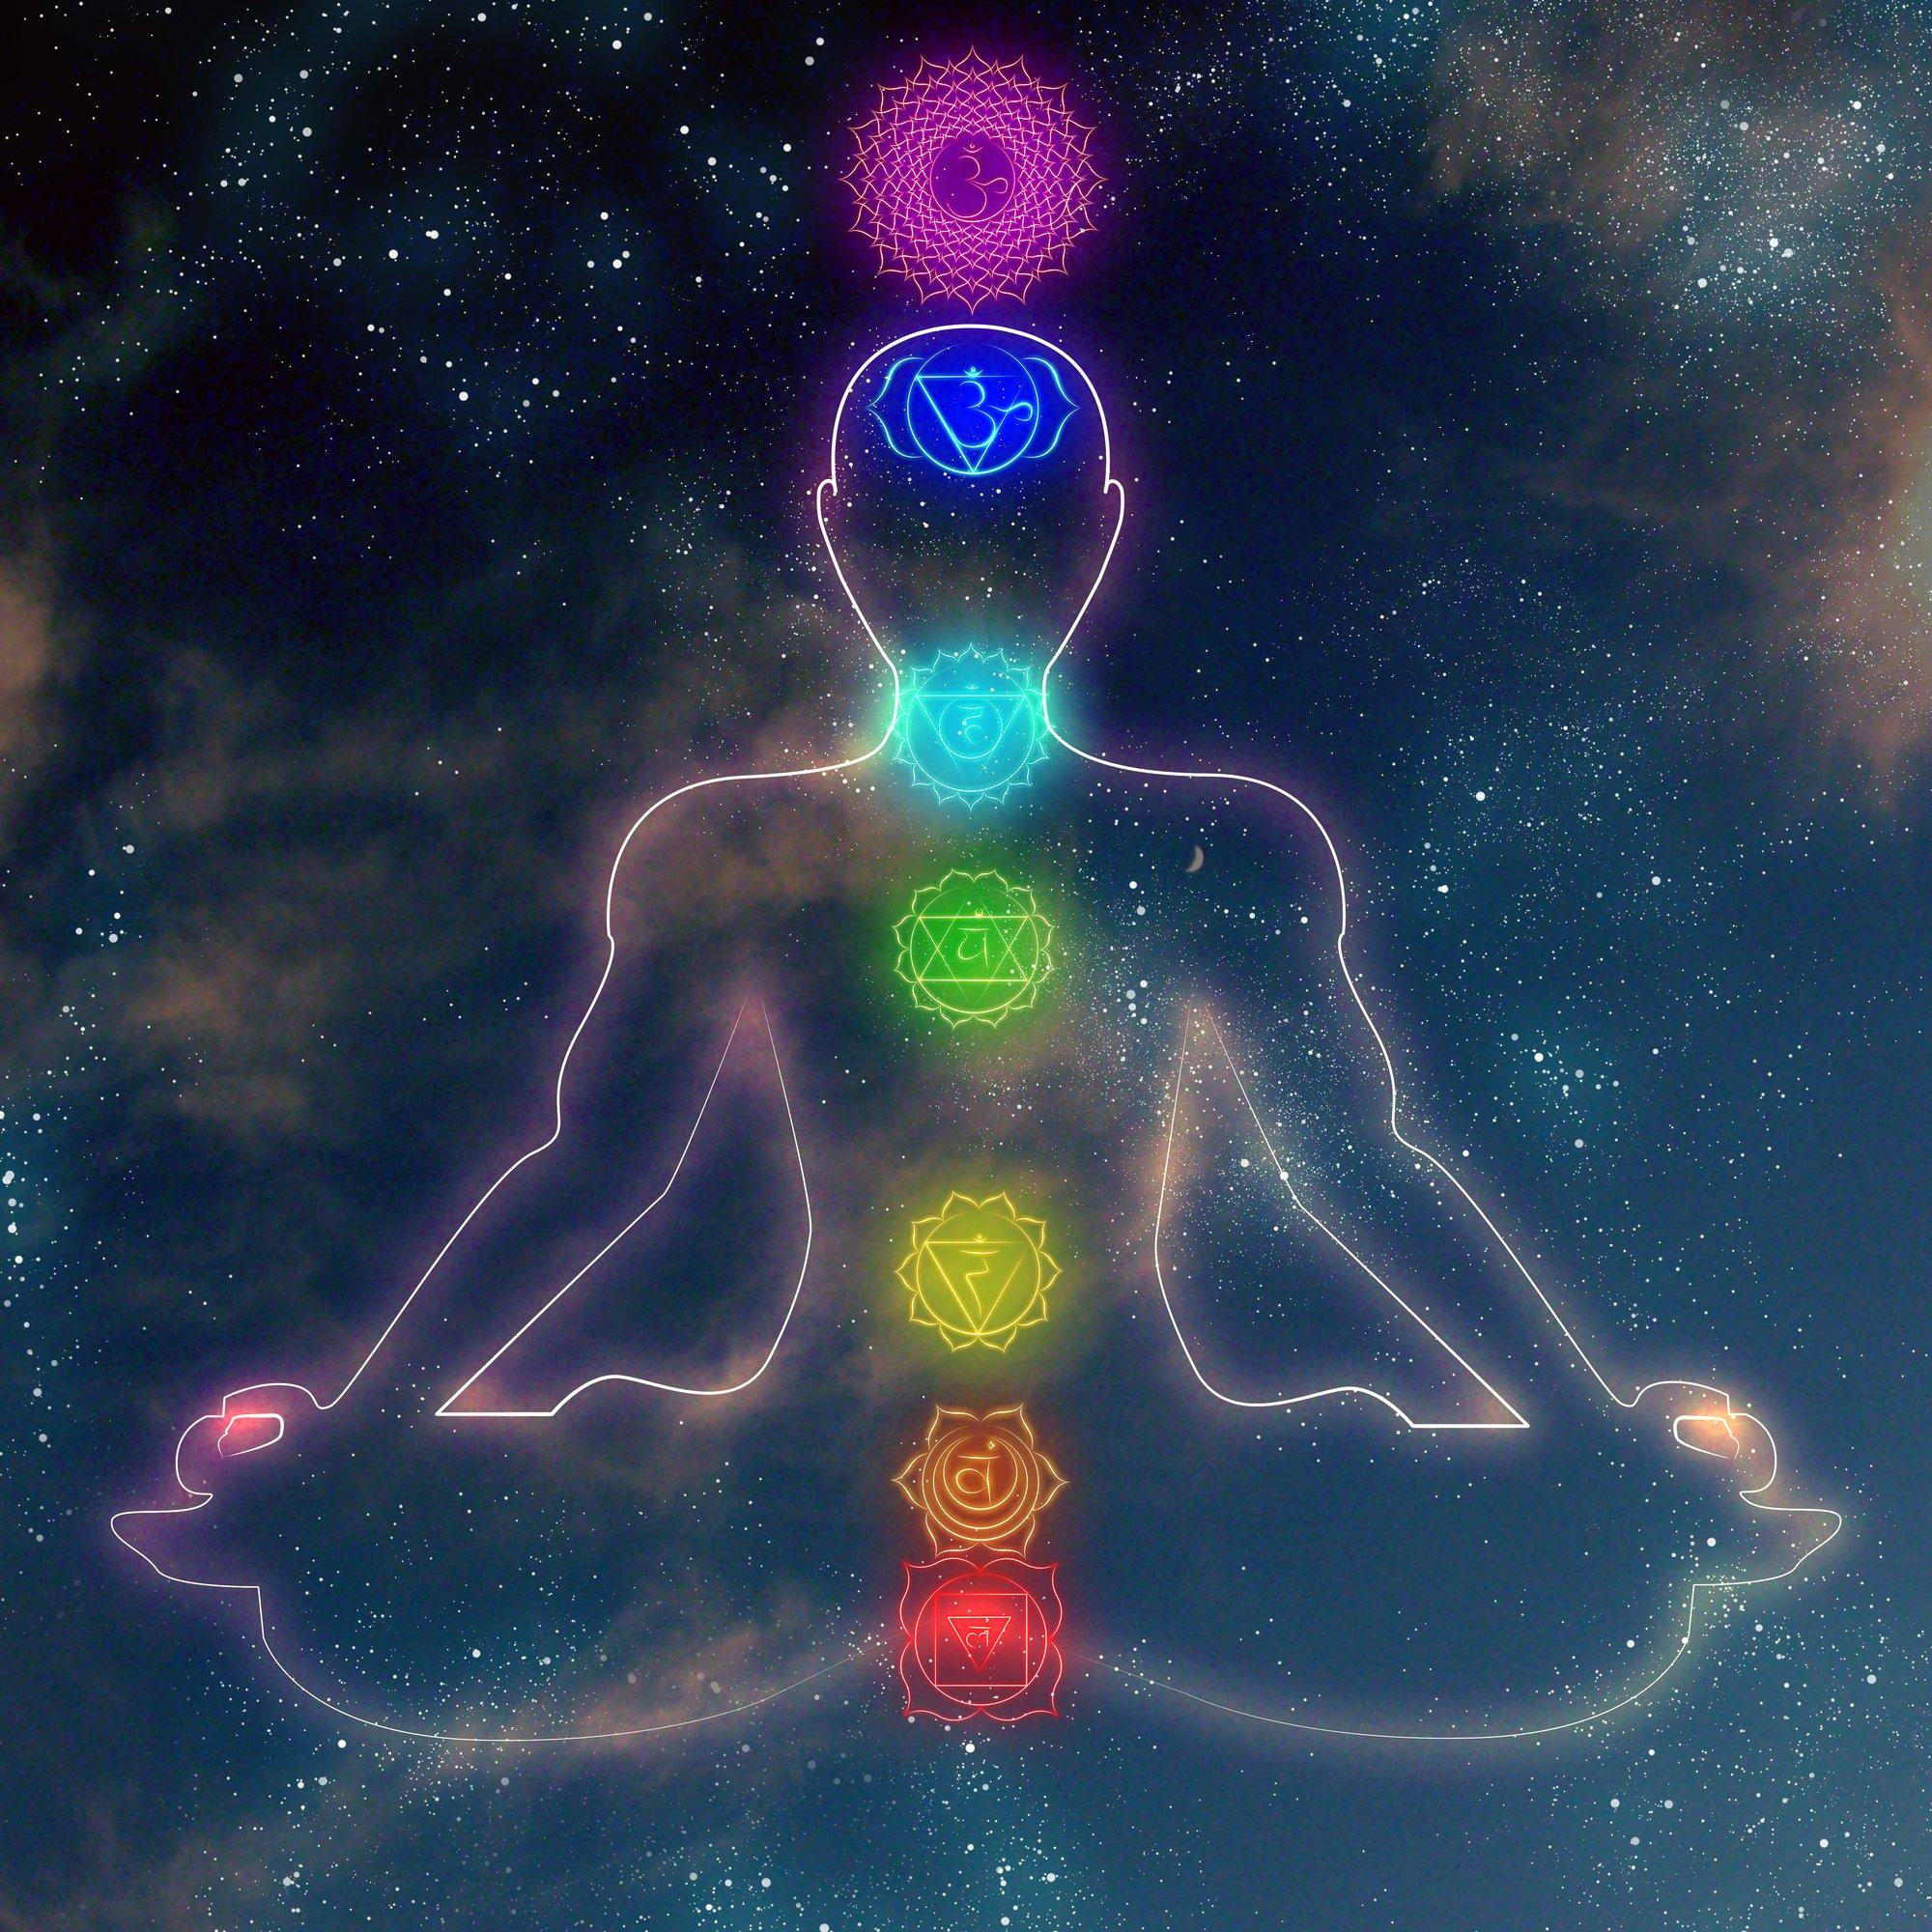 chakra awakened